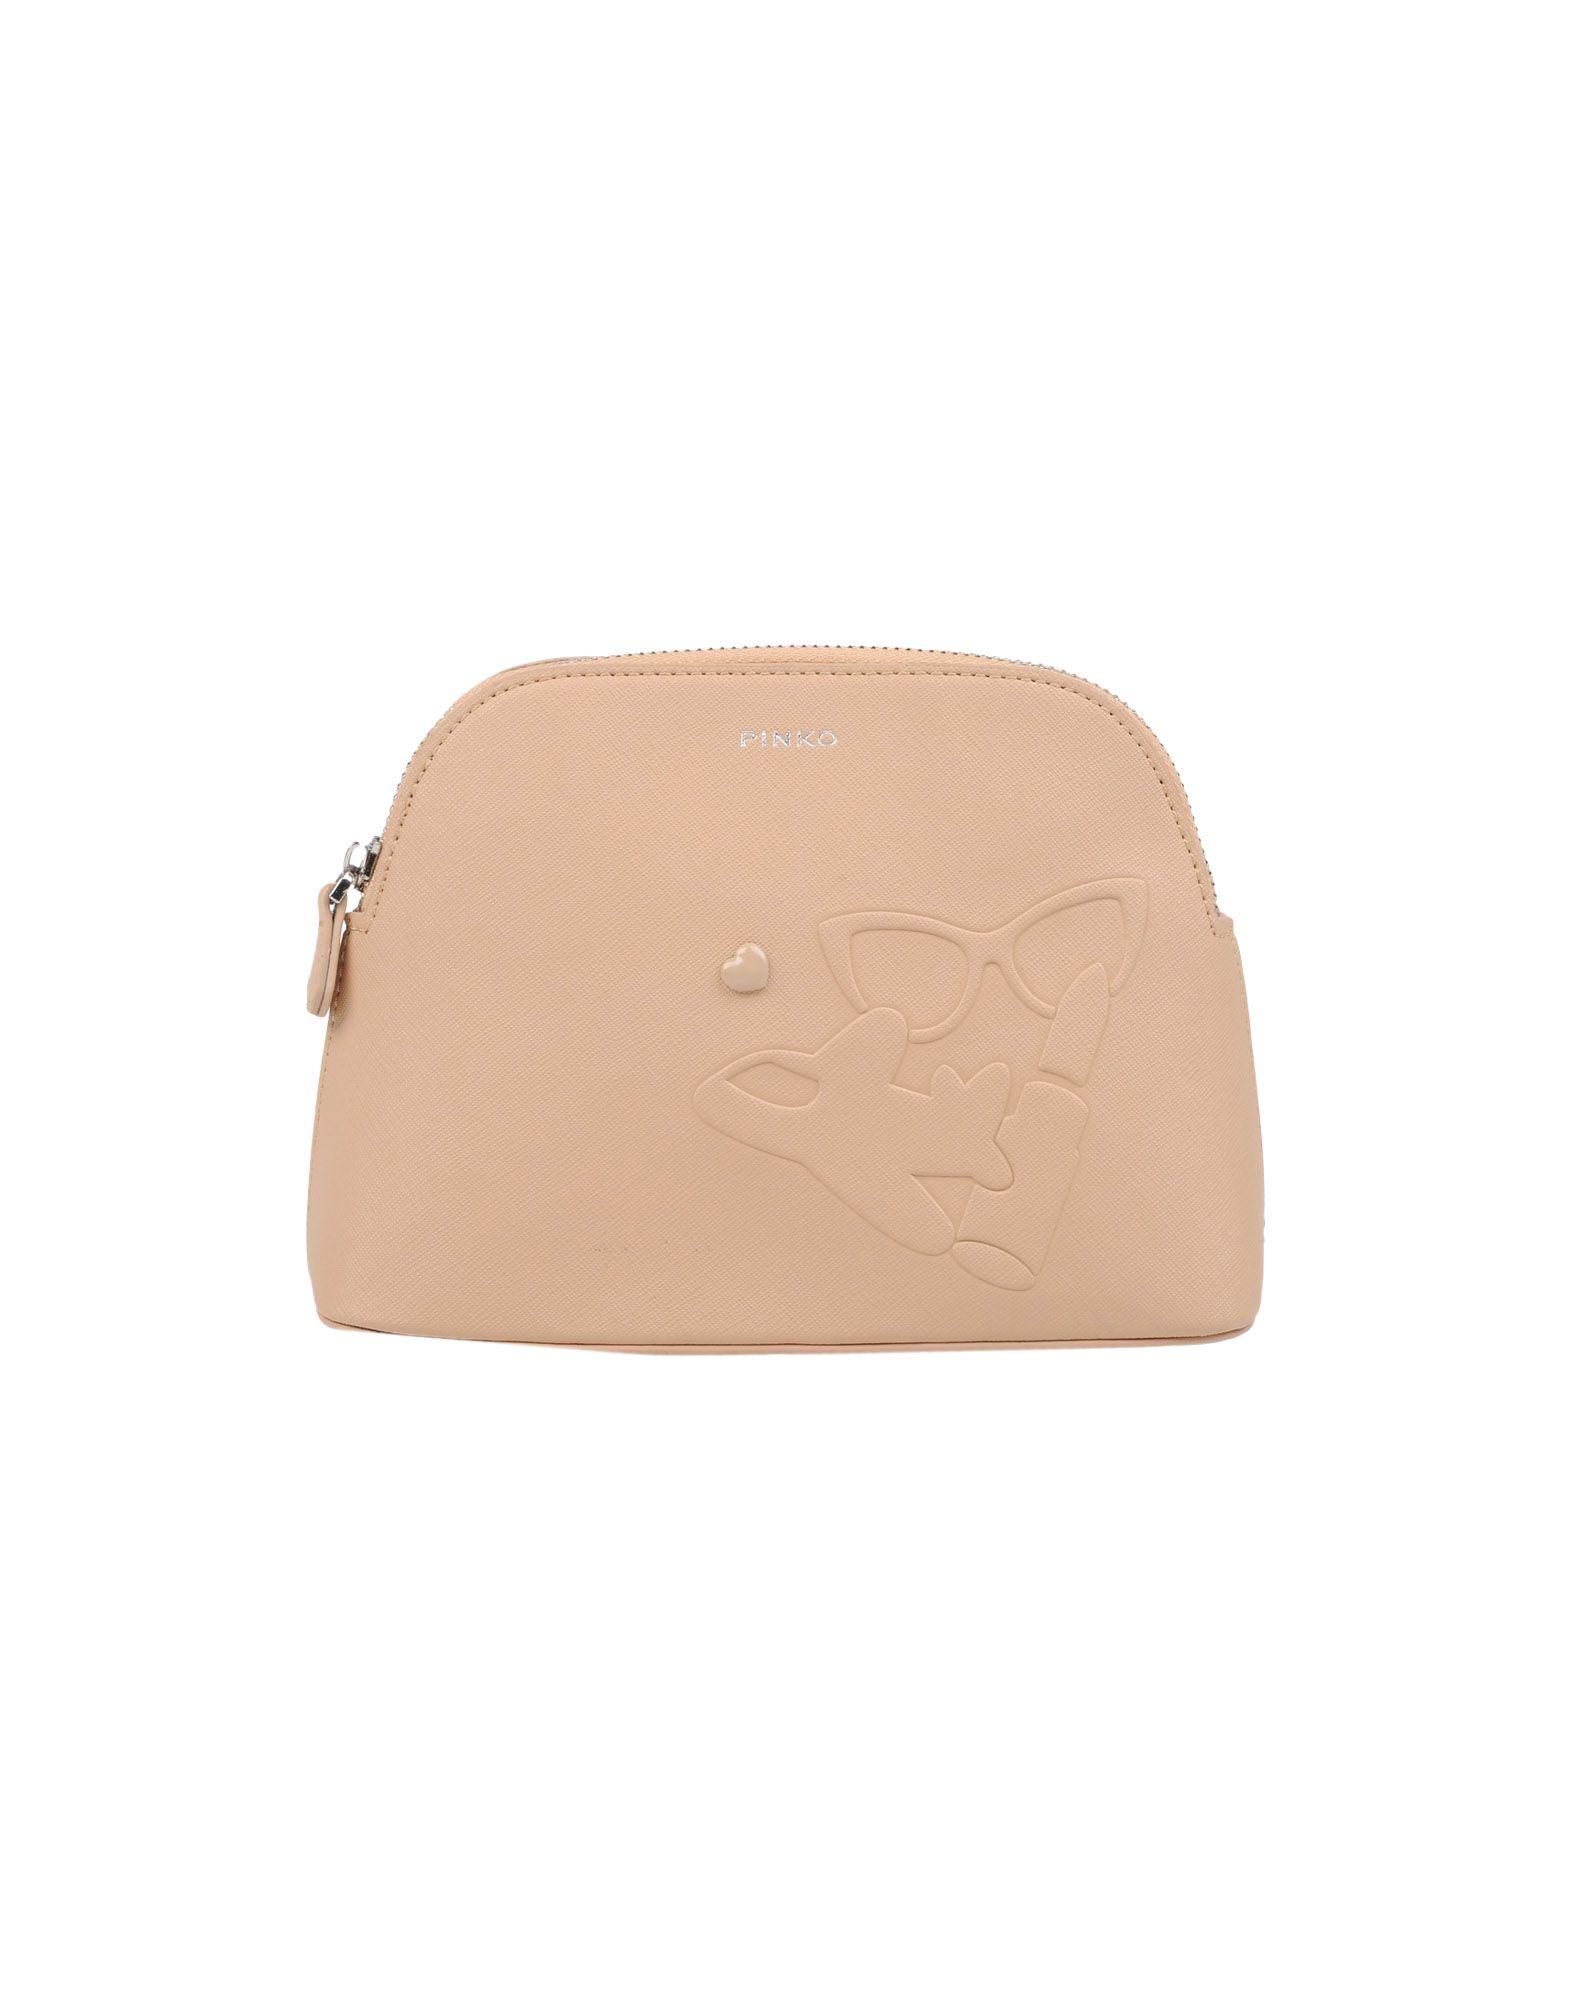 Beauty Case Pinko Donna - Acquista online su